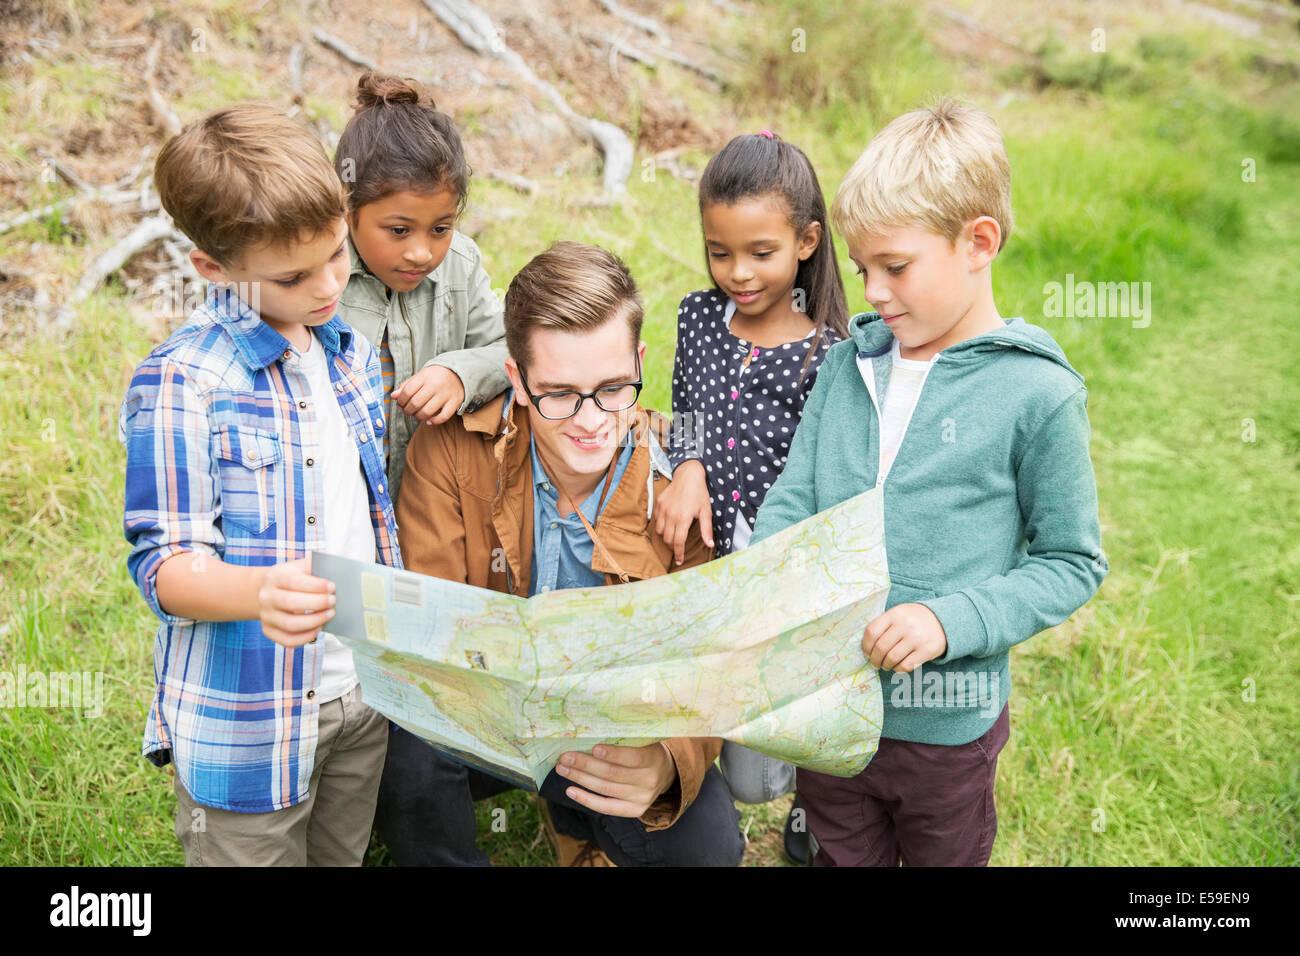 Studenti e insegnanti mappa di lettura all'aperto Immagini Stock